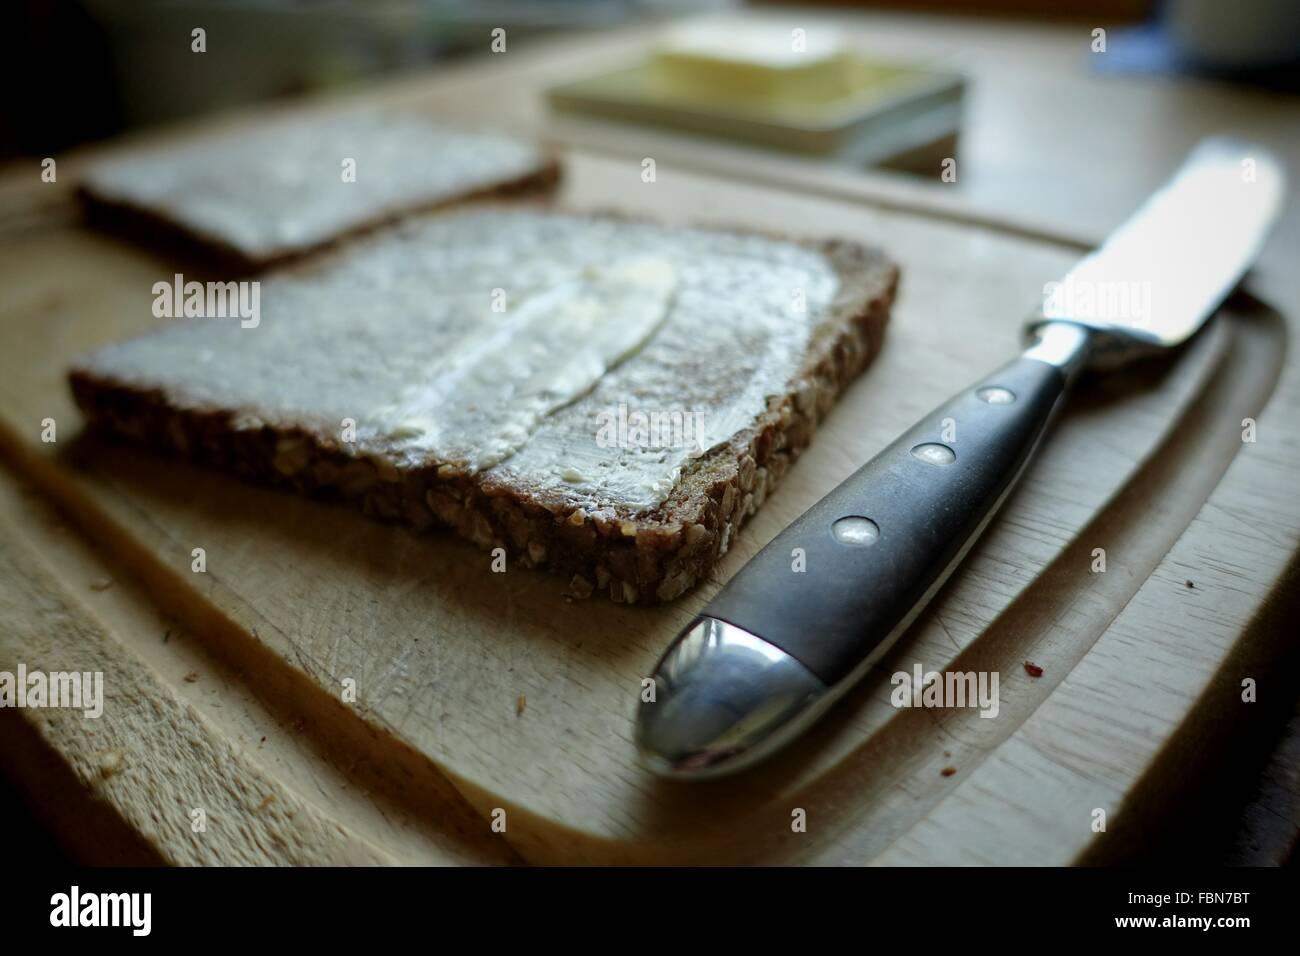 Messer von Brot mit Butter auf Schneidebrett Stockbild